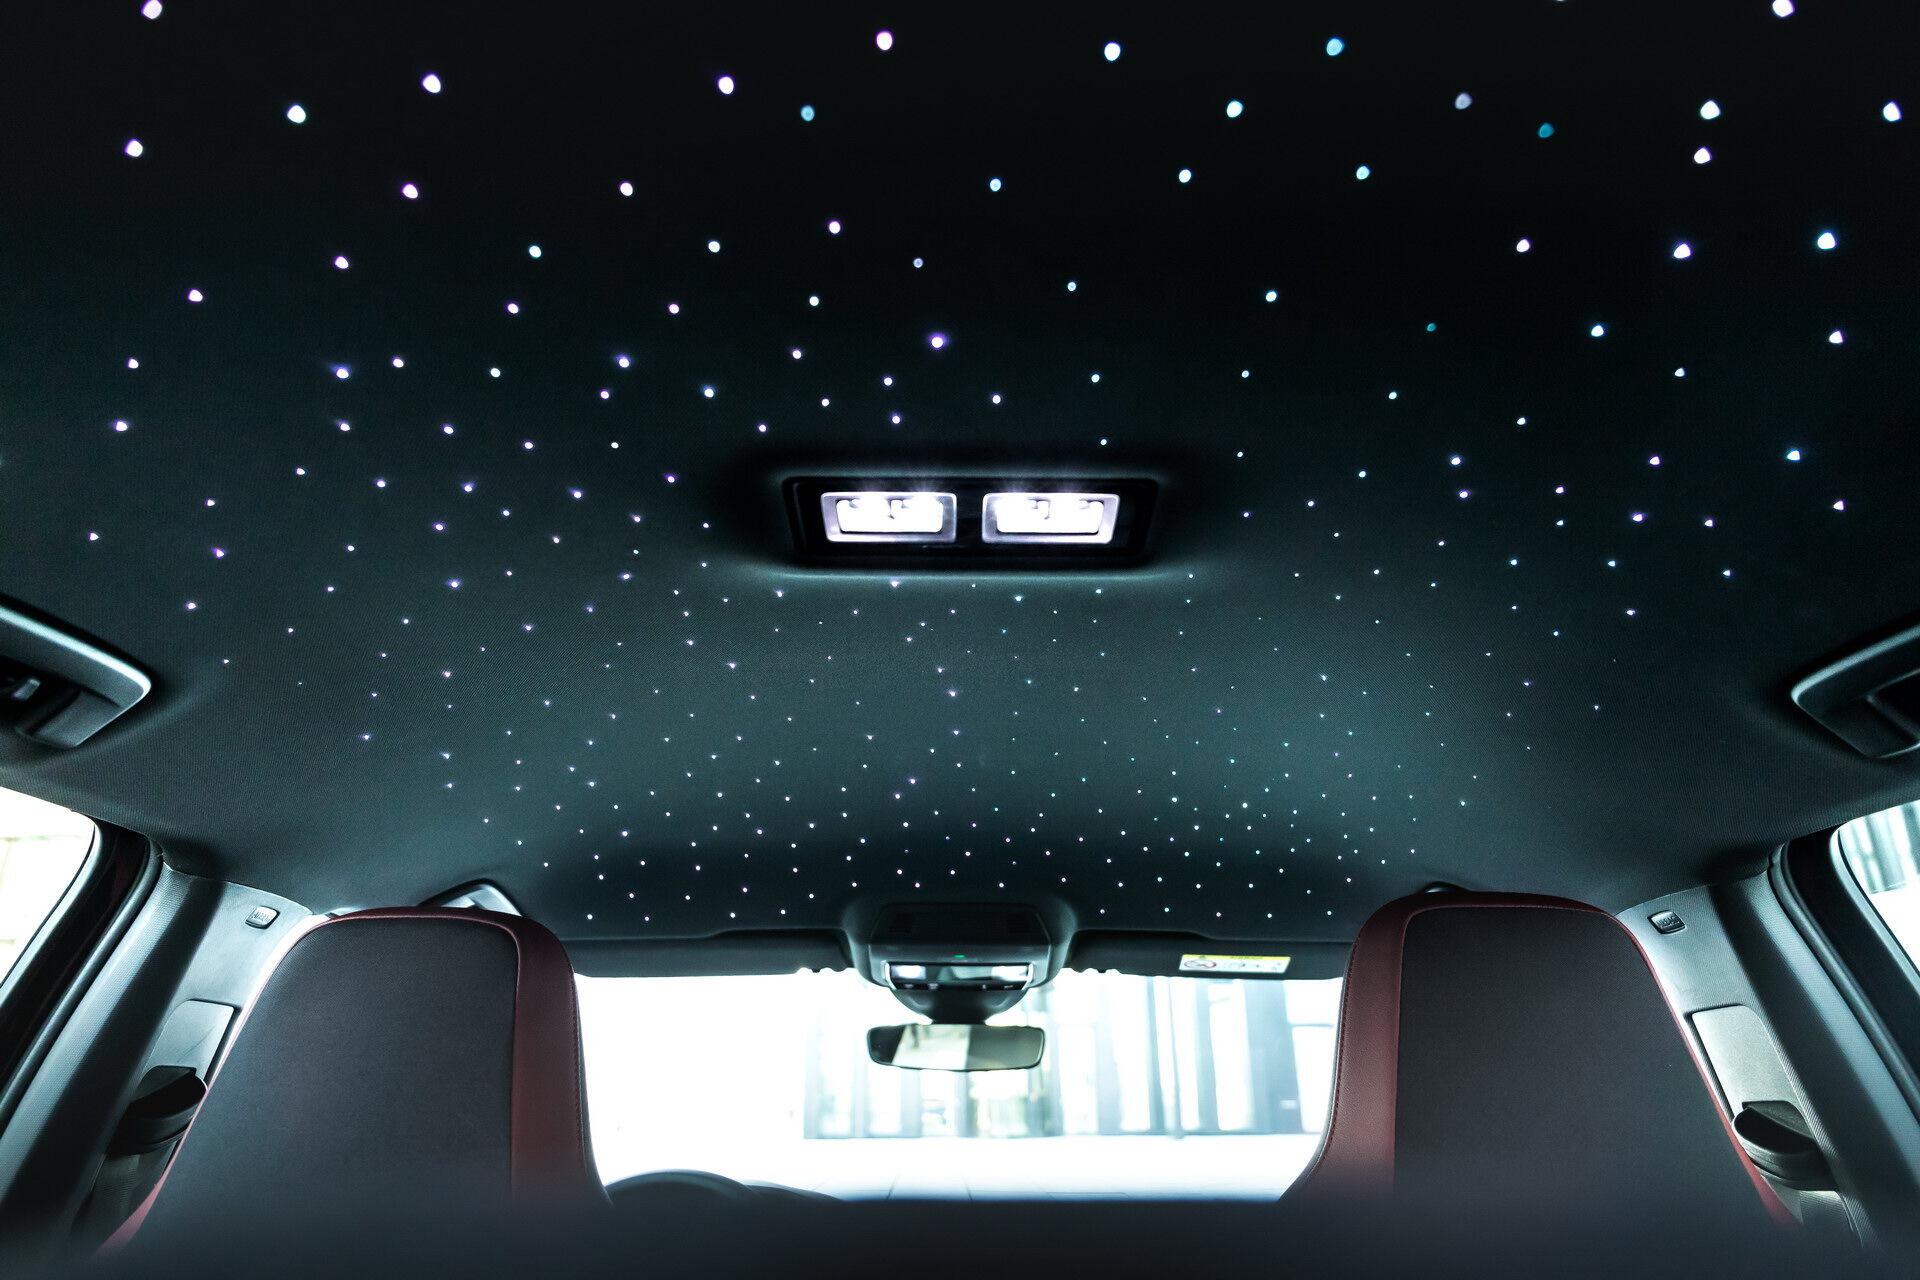 Потолок украшает несколько десятков светодиодов, создающих эффект звездного неба